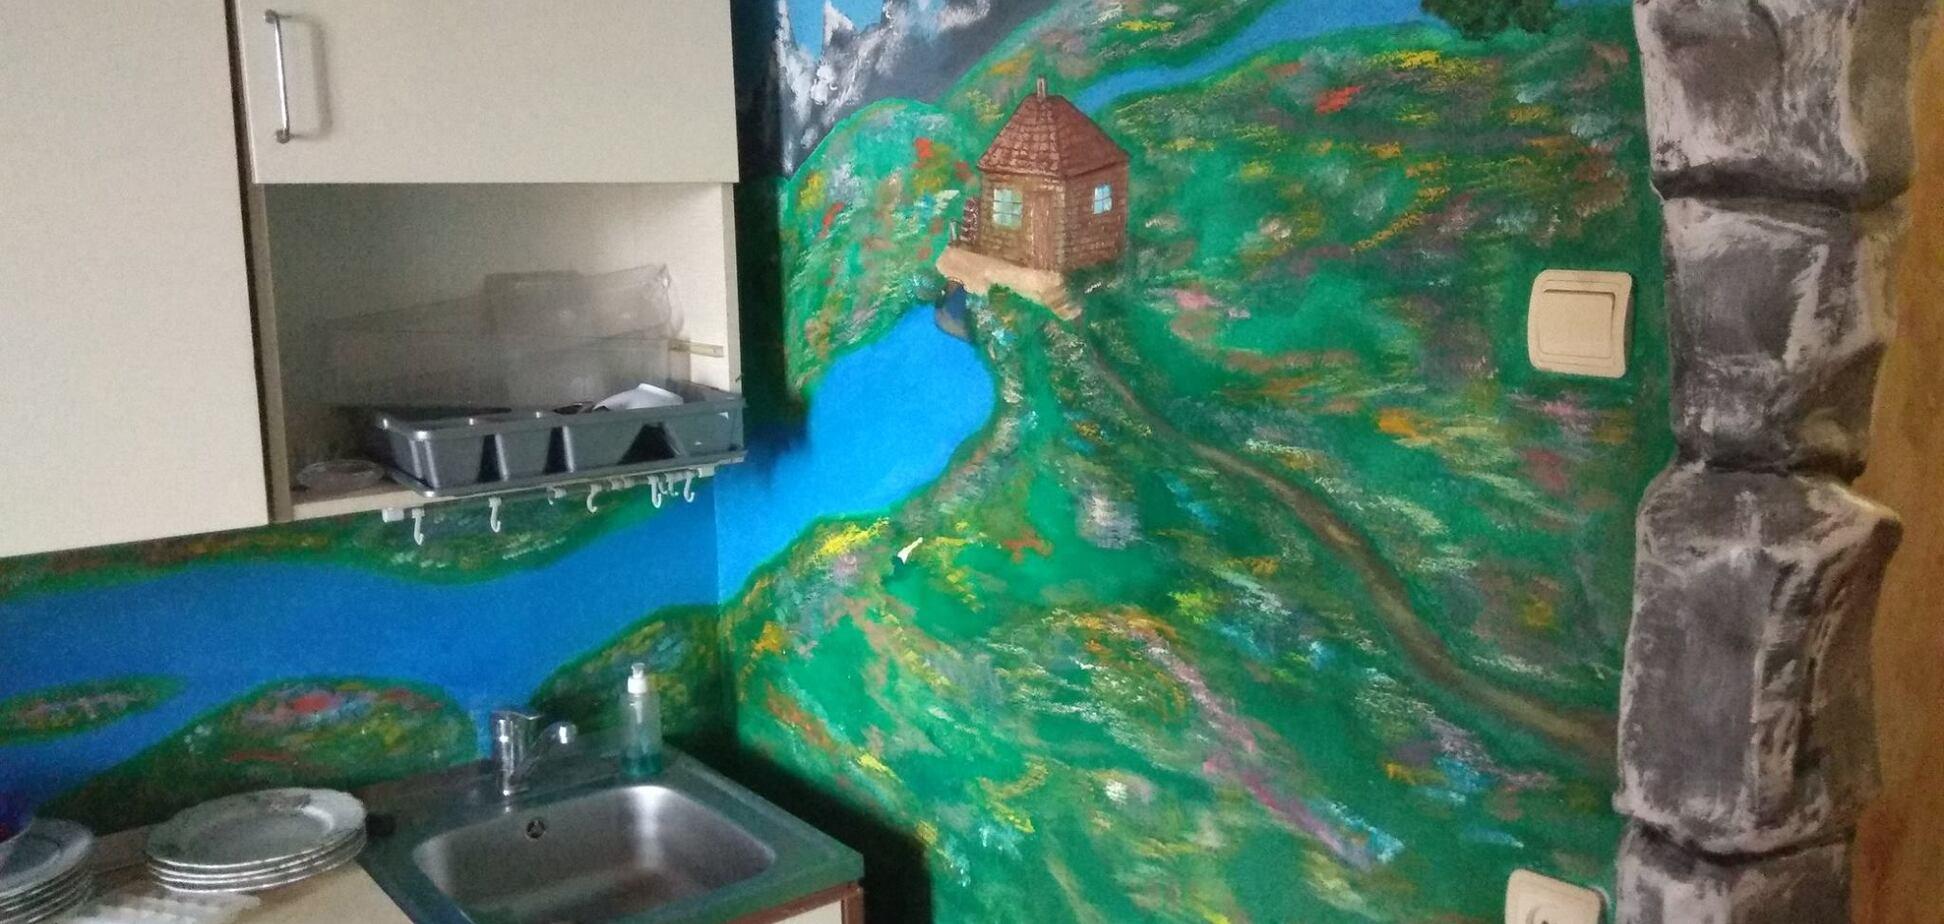 Дикий камень и настенные росписи: в Киеве нашли 'сказочную' квартиру